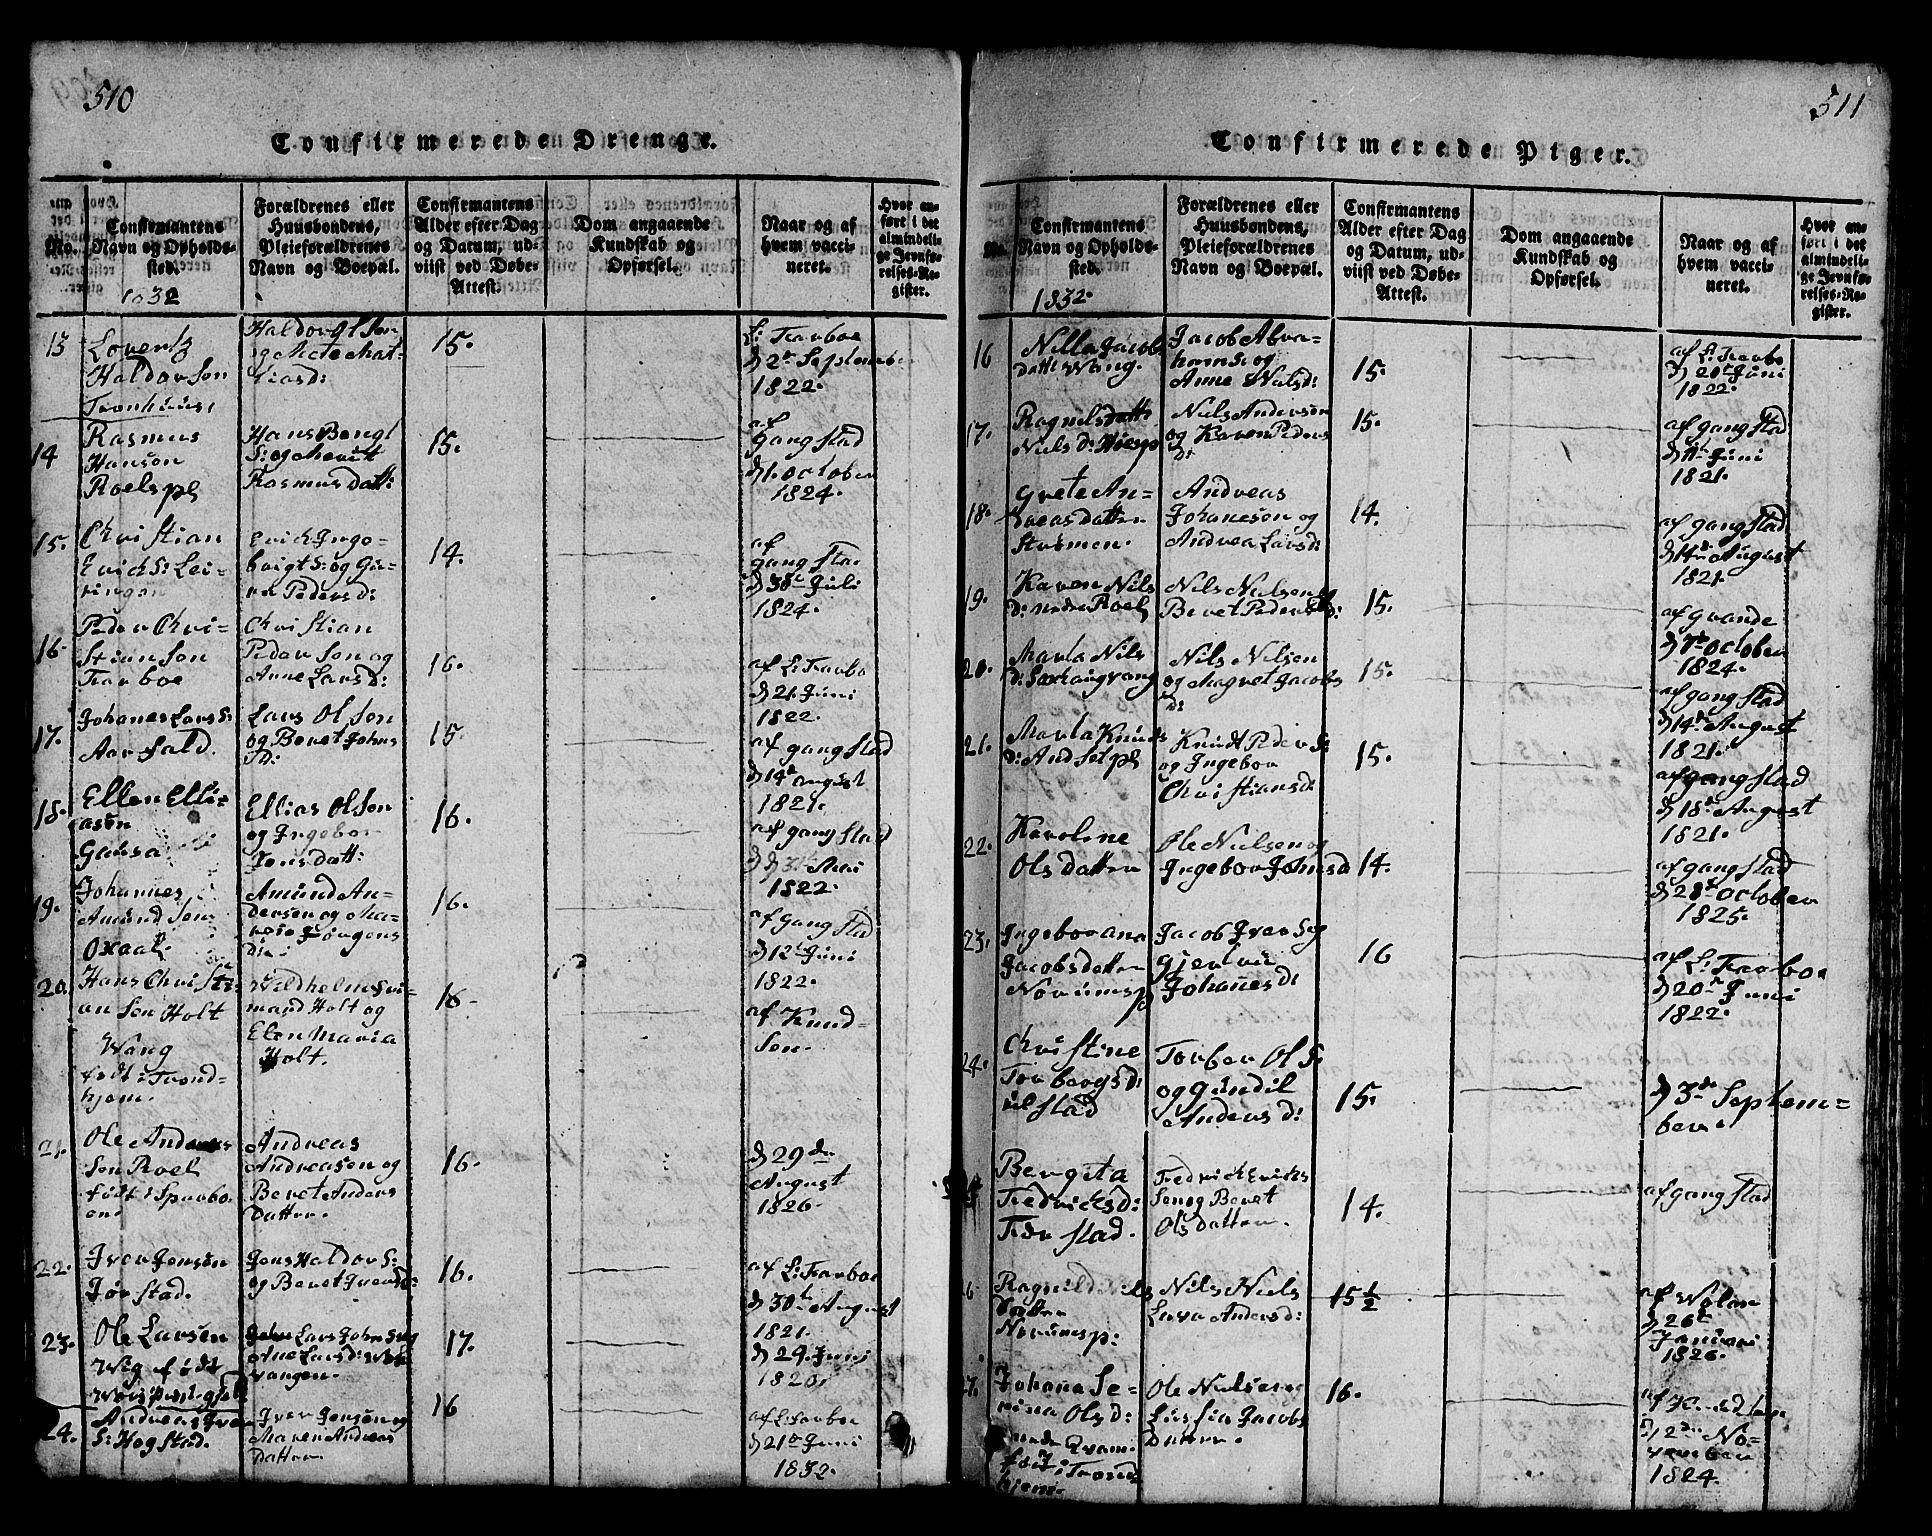 SAT, Ministerialprotokoller, klokkerbøker og fødselsregistre - Nord-Trøndelag, 730/L0298: Klokkerbok nr. 730C01, 1816-1849, s. 510-511